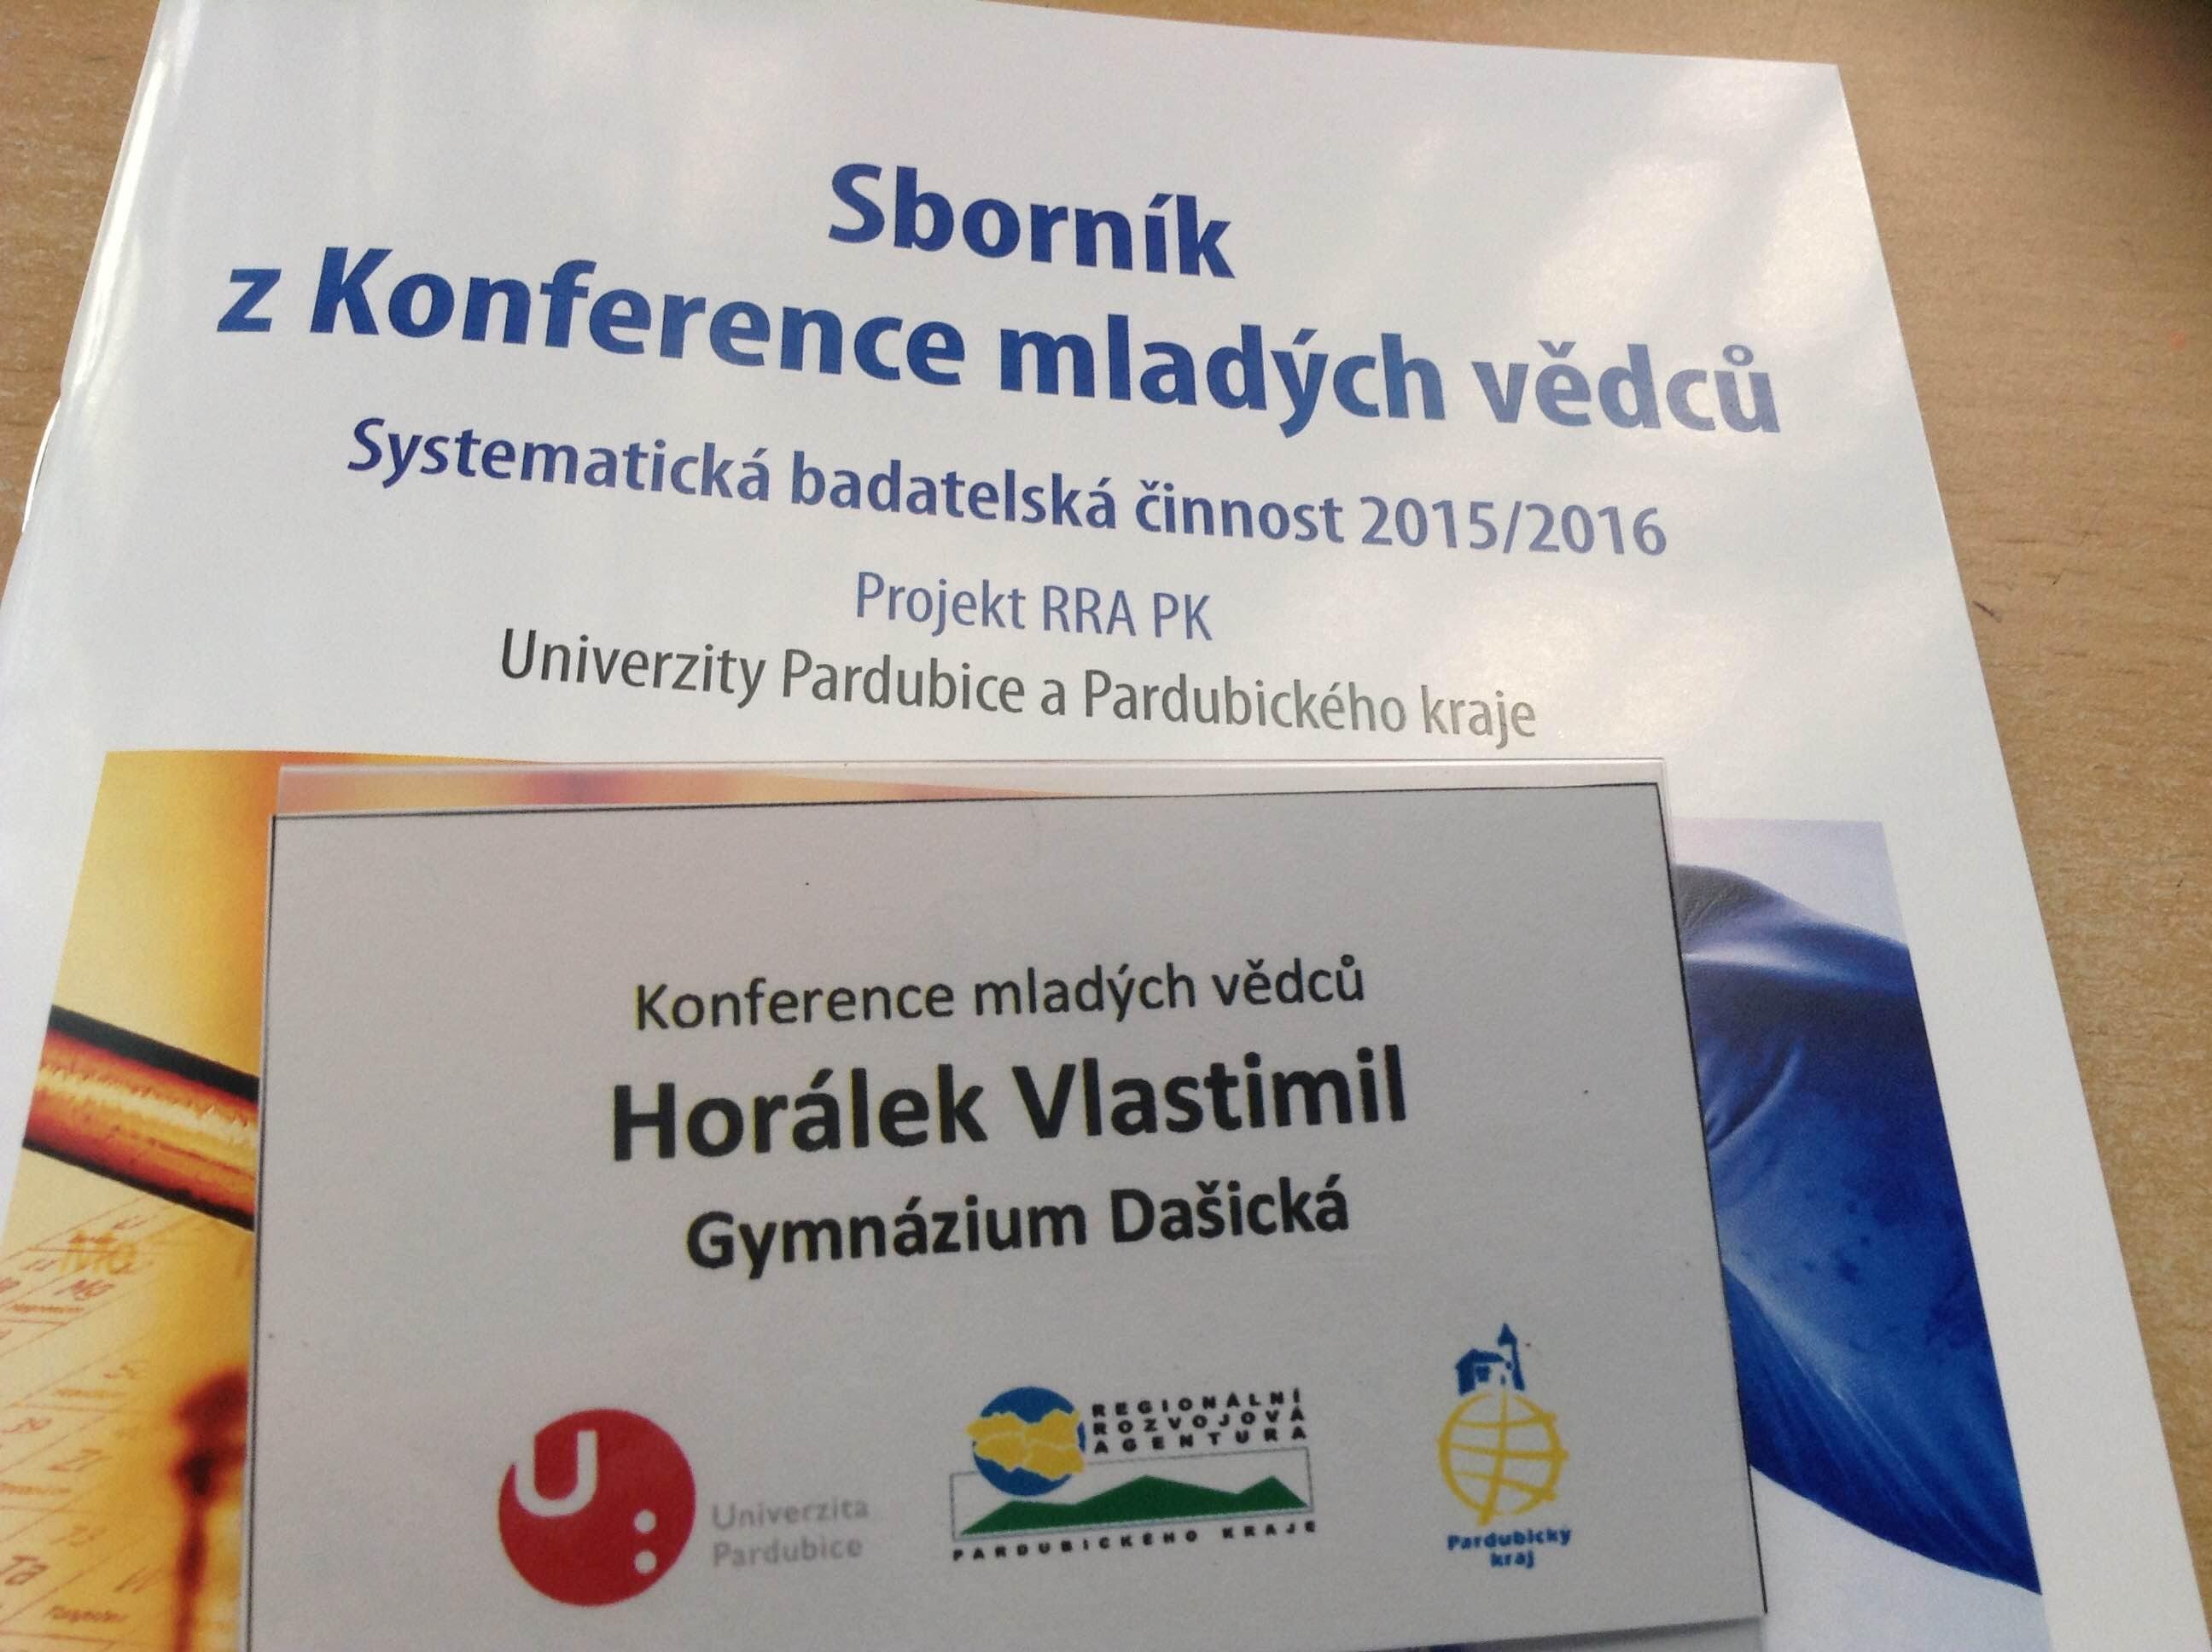 Vlastimil_Horalek_1